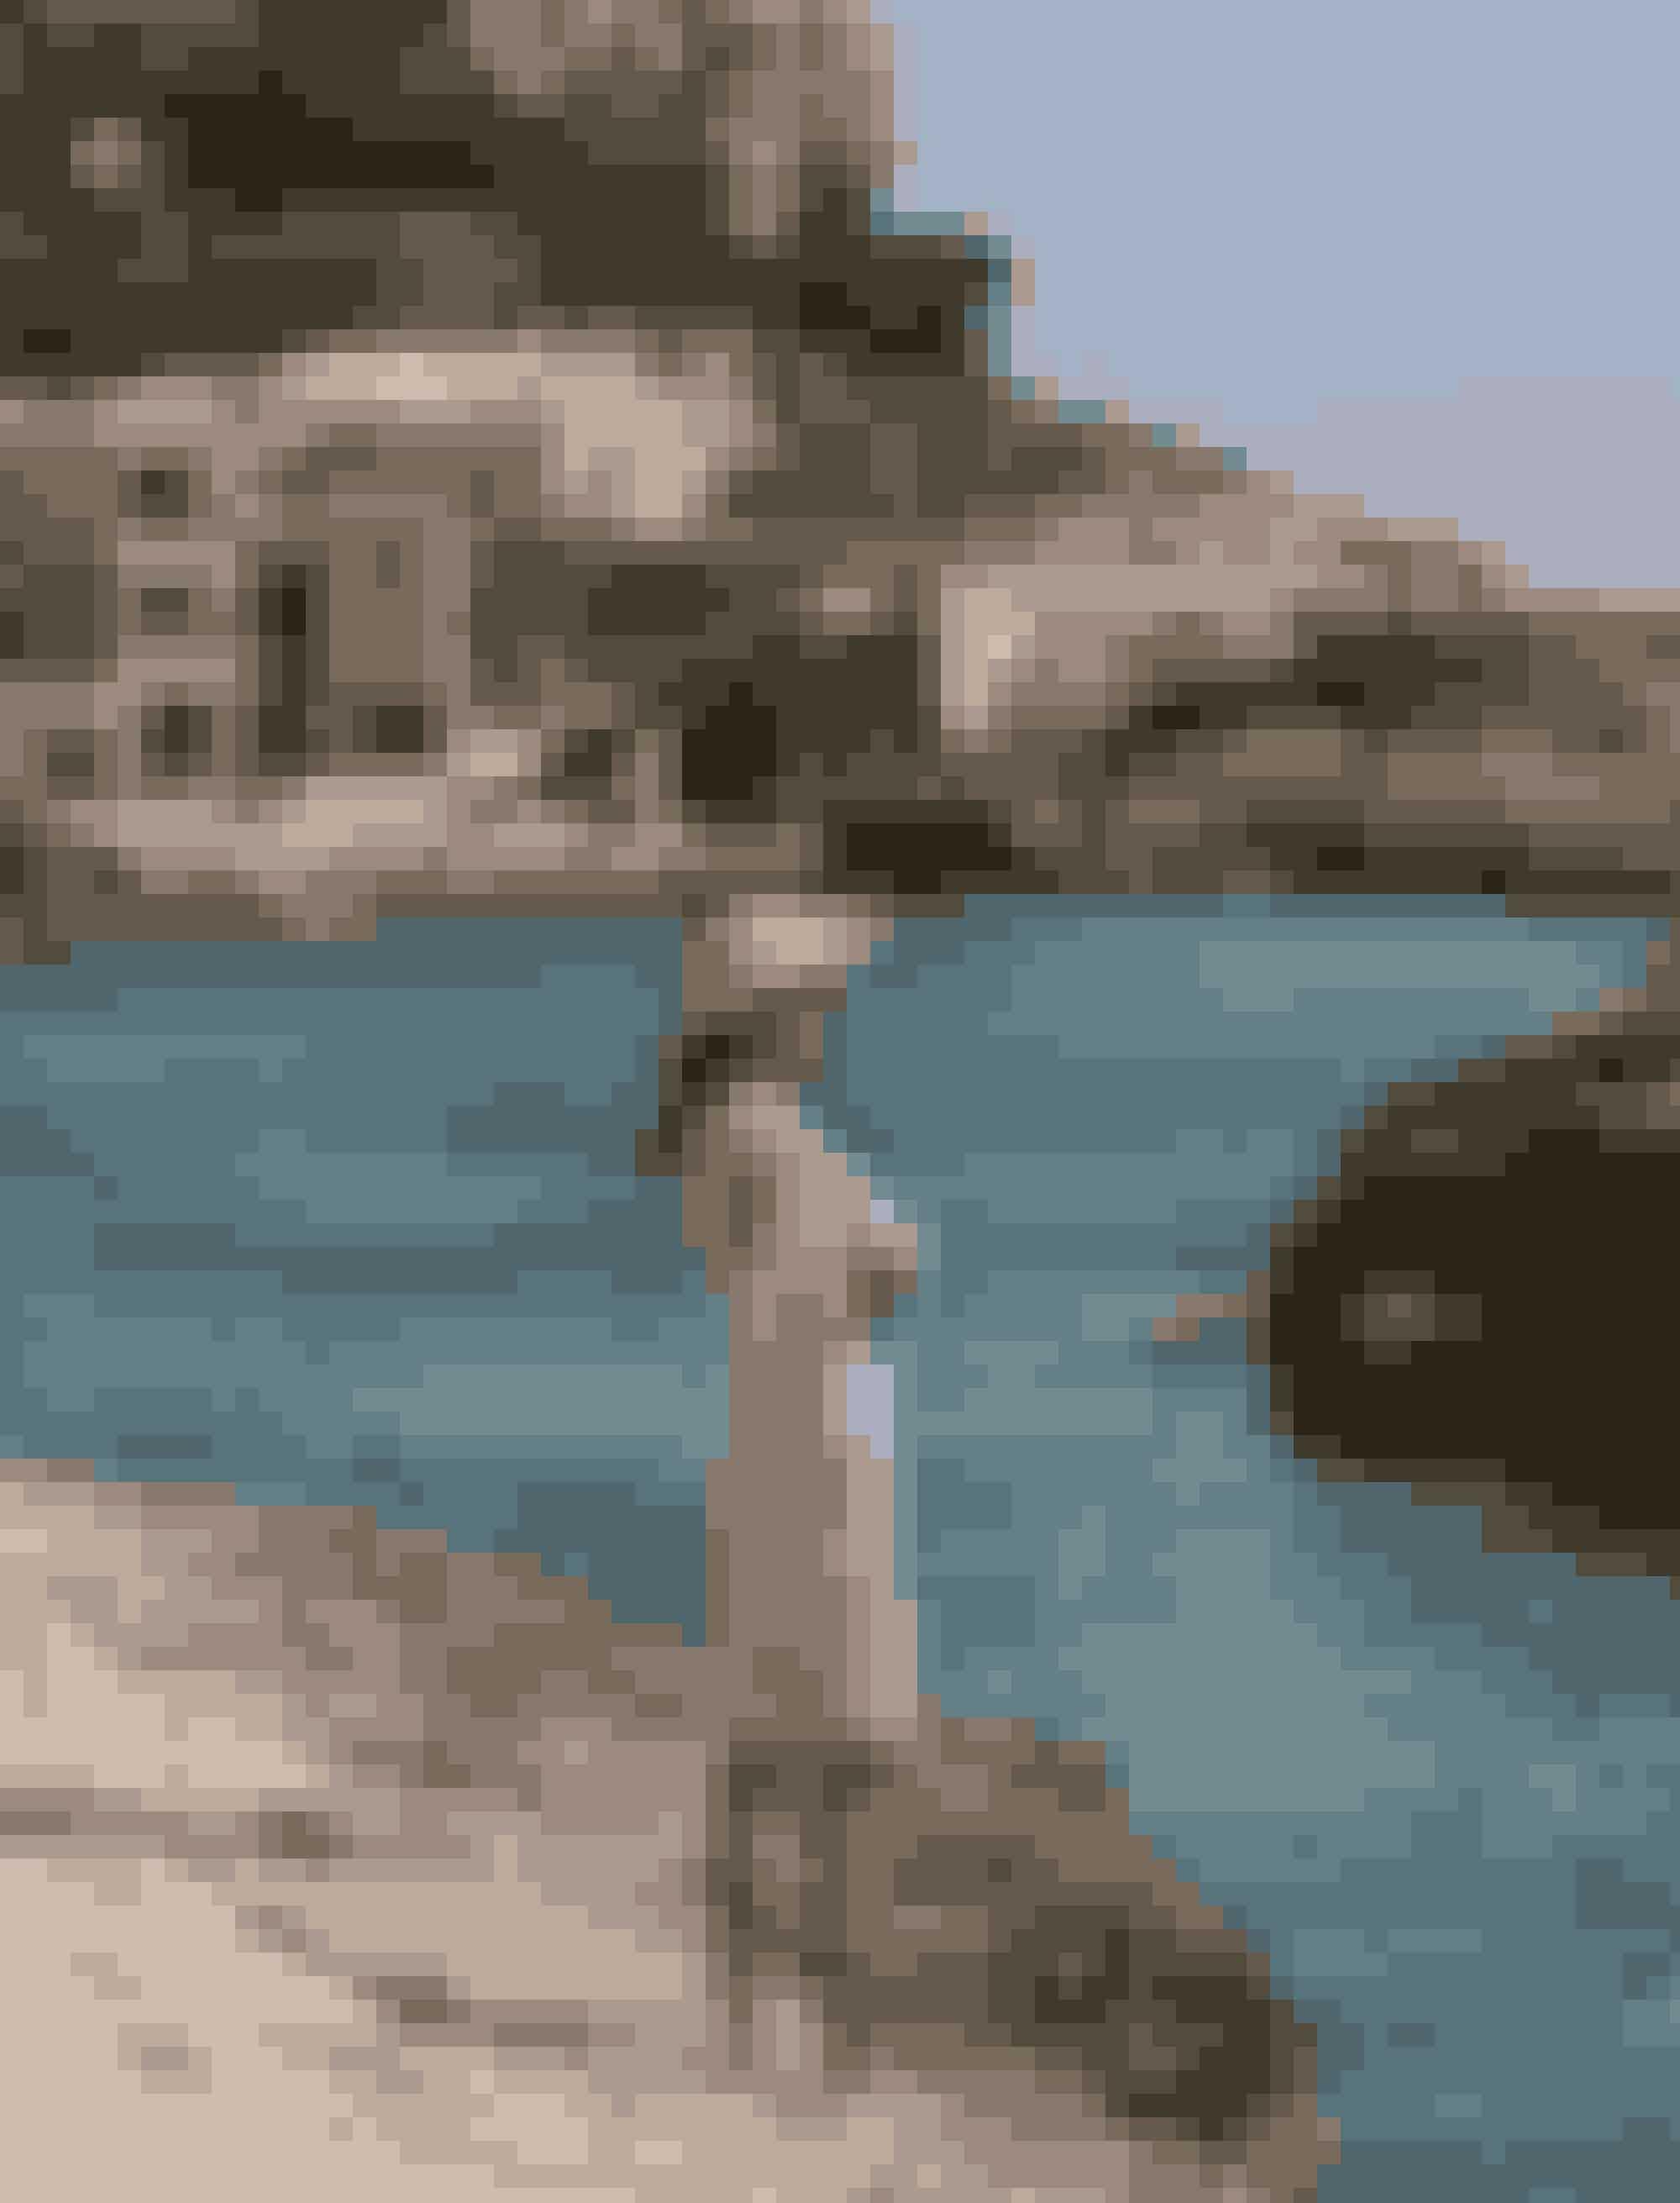 Modeserie: Postkort fra Middelhavet. Solkysset hud, saltvand i håret og lange, sløve dage er middelhavet, når det er bedst. Selv om din sommer holdes inden for danmarks grænser, kan du sagtens drømme dig væk til Mallorcas smukke klippestrande og uforglemmelige solnedgange.